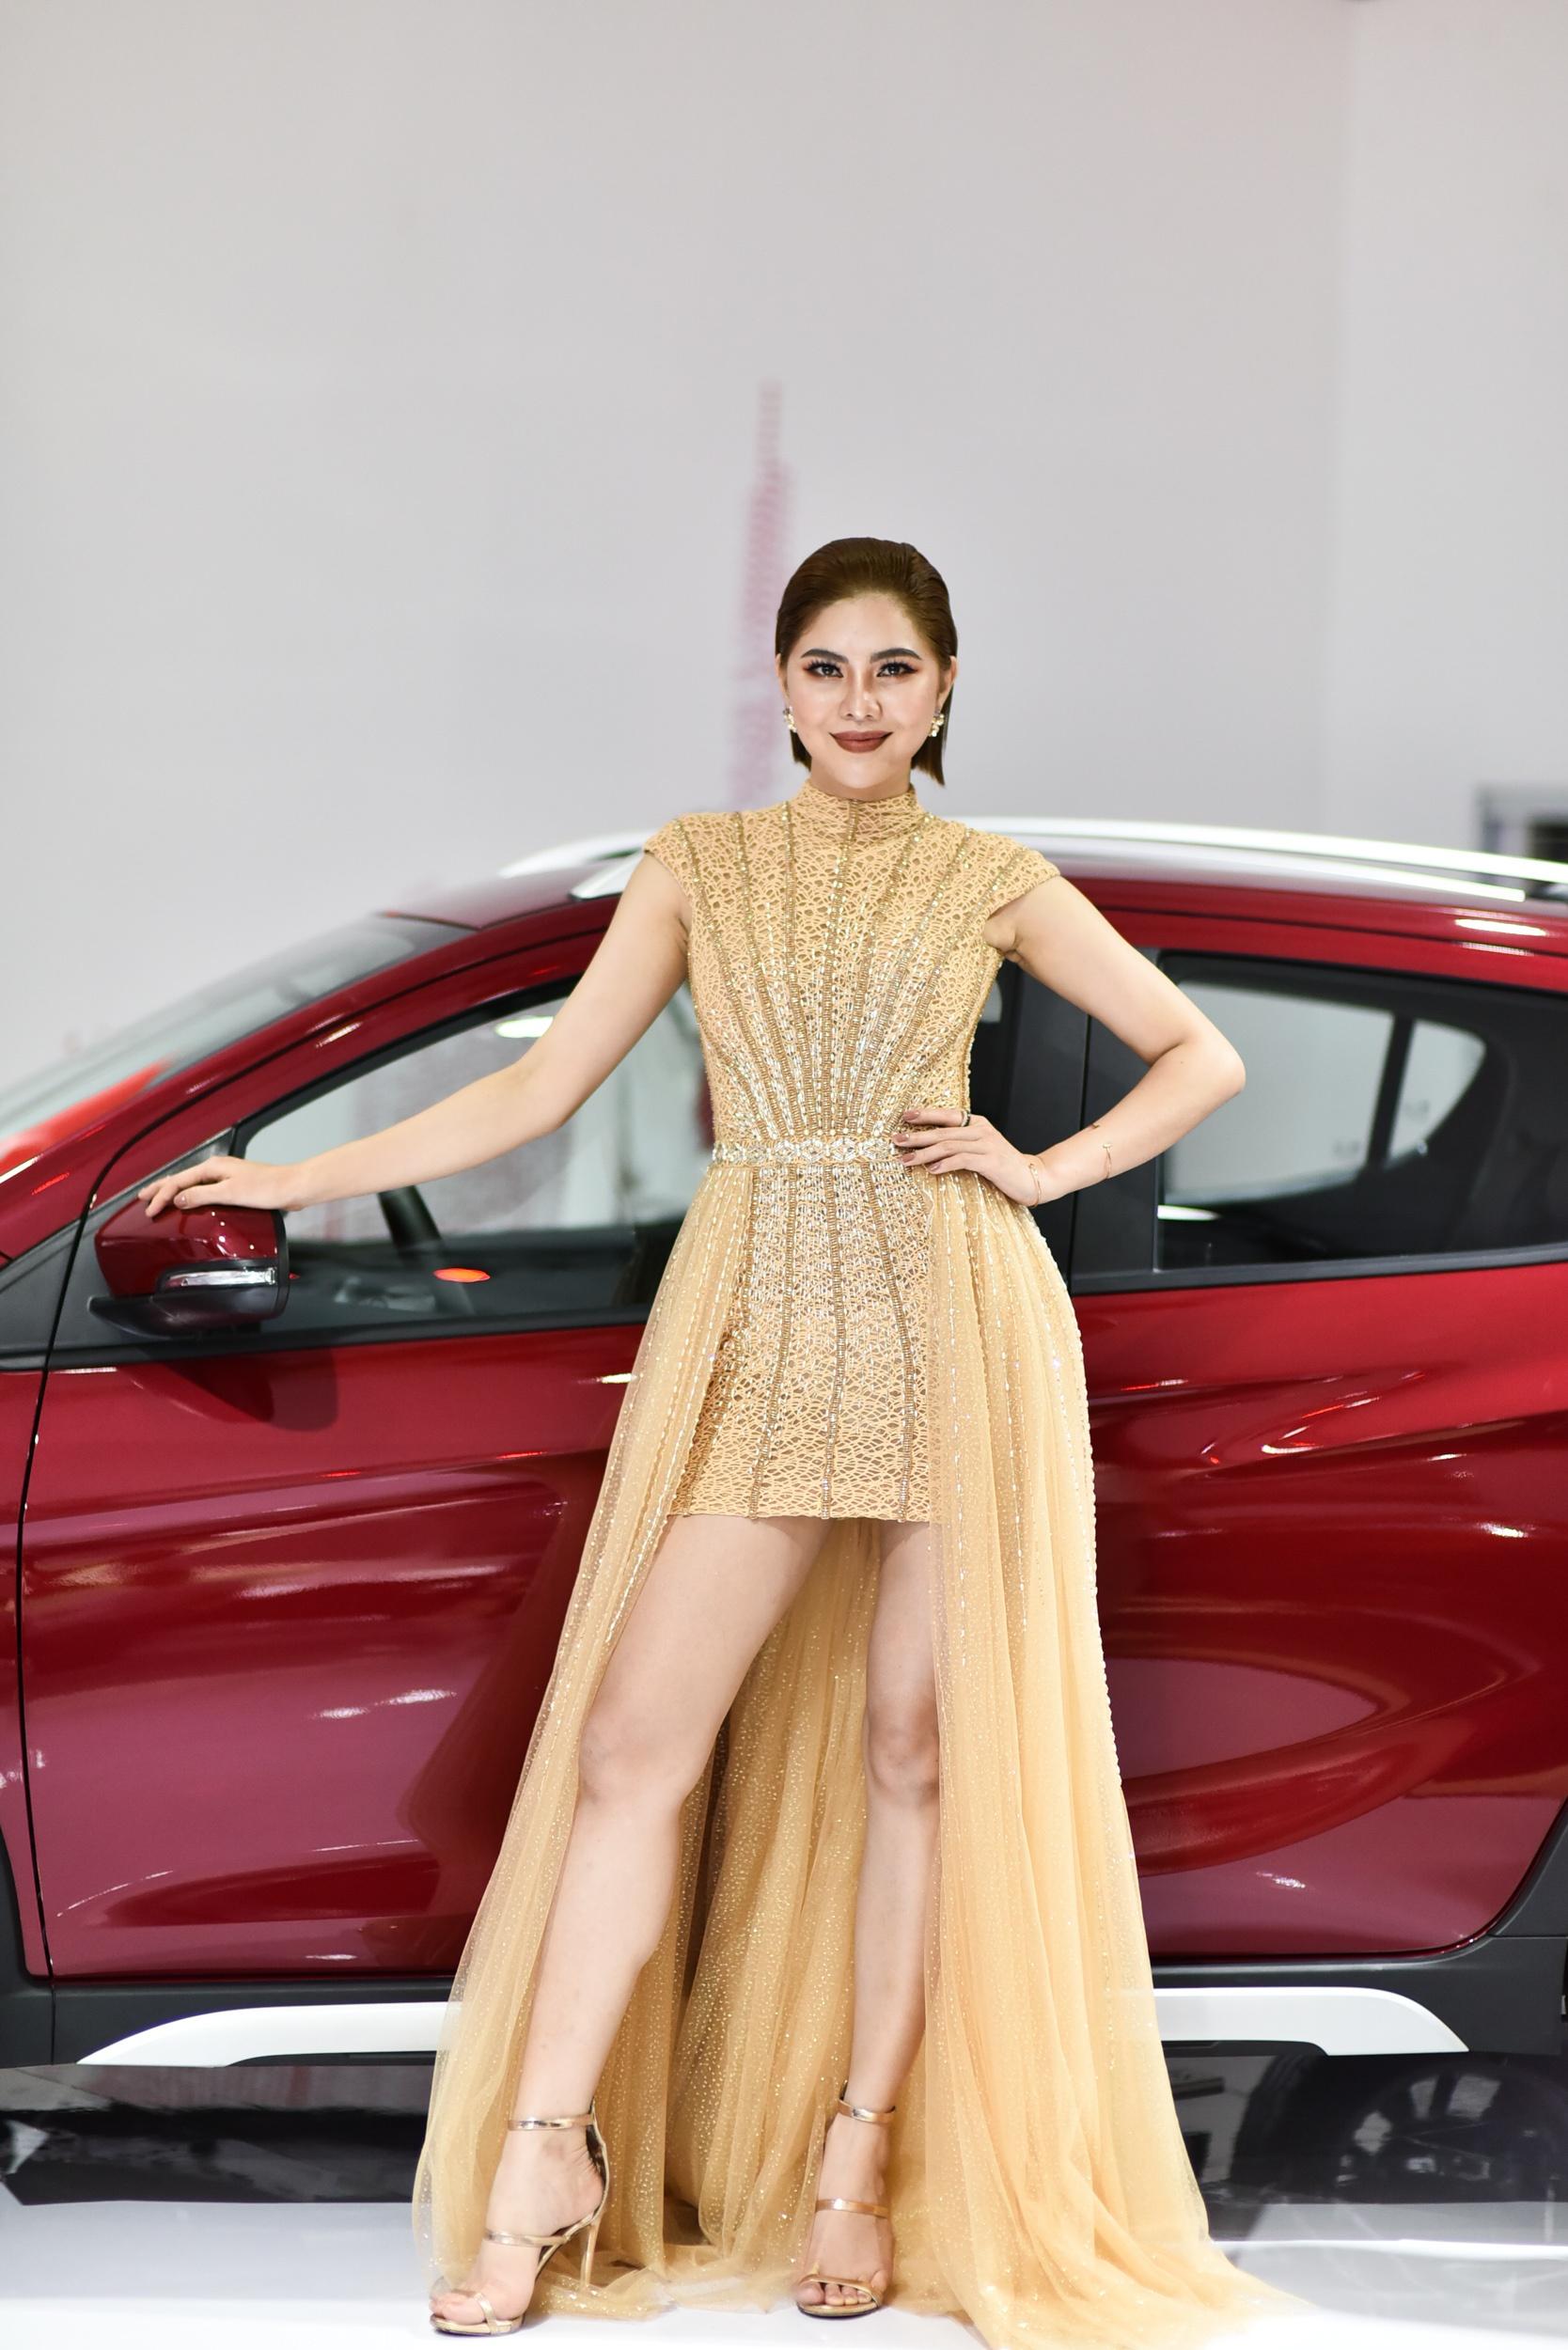 Mot nam ky tich cua VinFast tu Paris Motor Show 2018 den VMS 2019 hinh anh 47